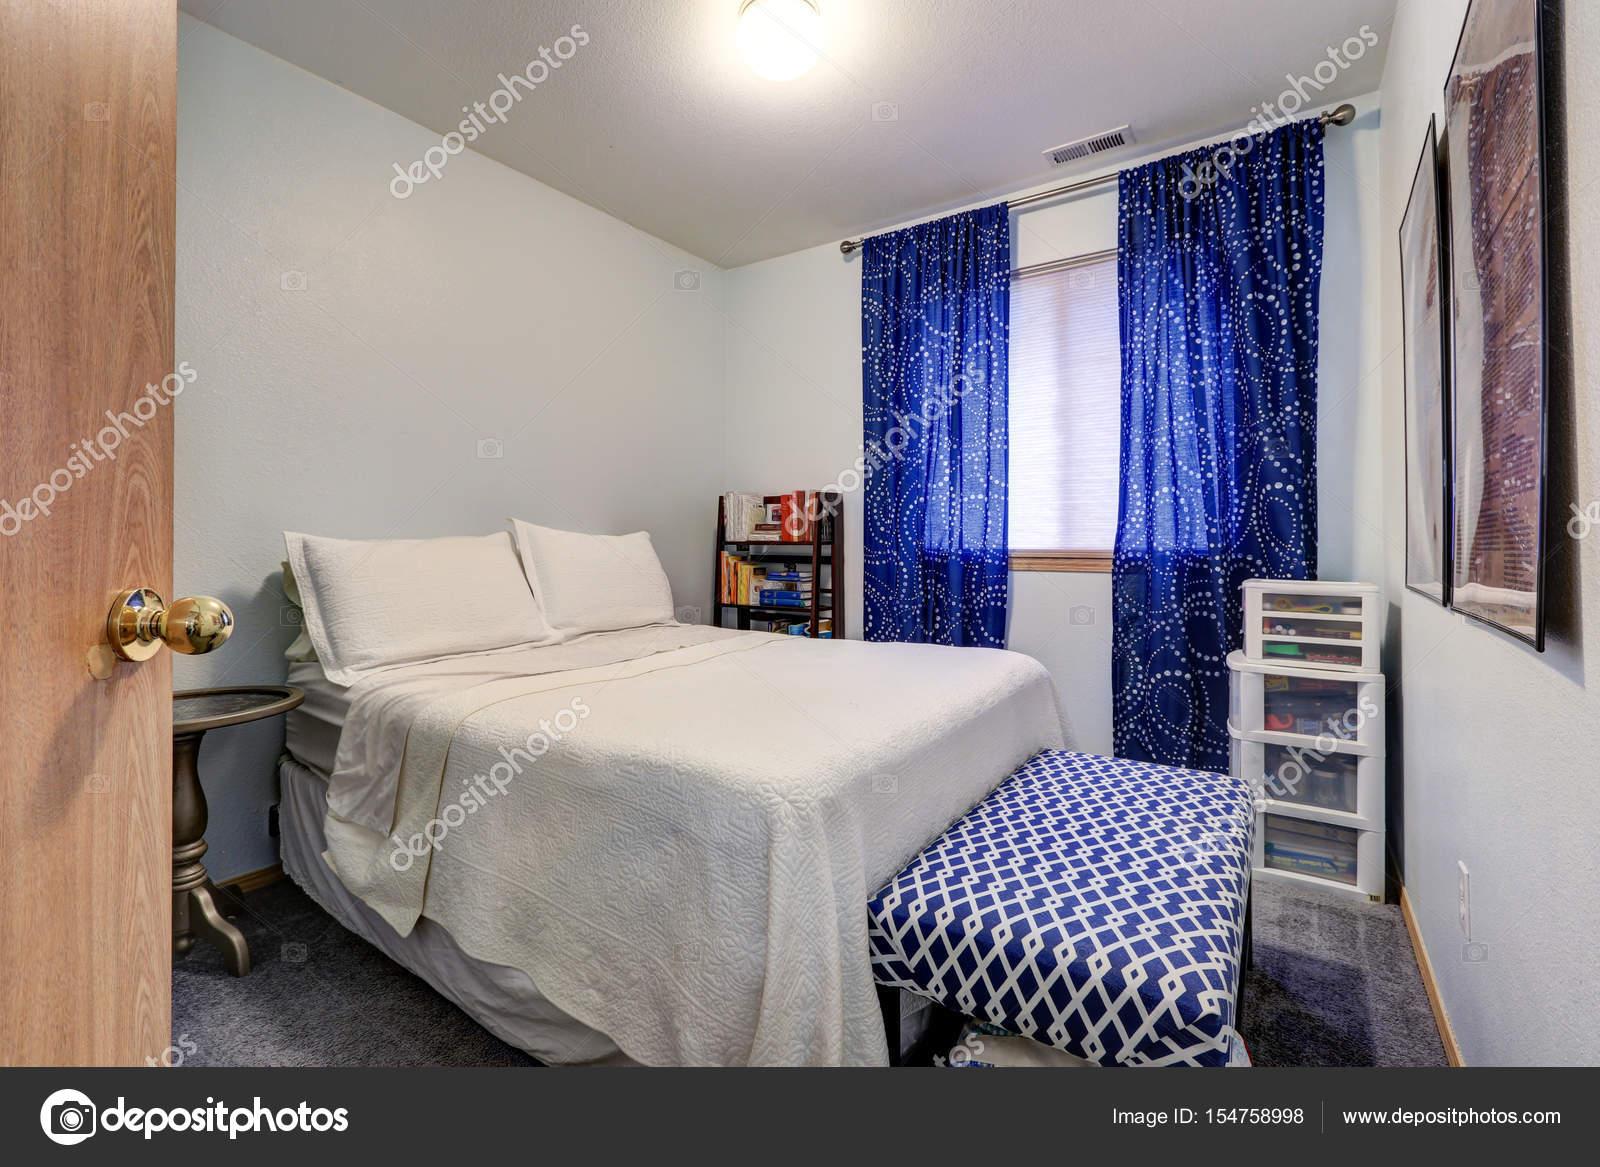 Rideaux De Fenêtre Chambre Blanc Bleu Caractéristiques étage Longueuru2013  Images De Stock Libres De Droits